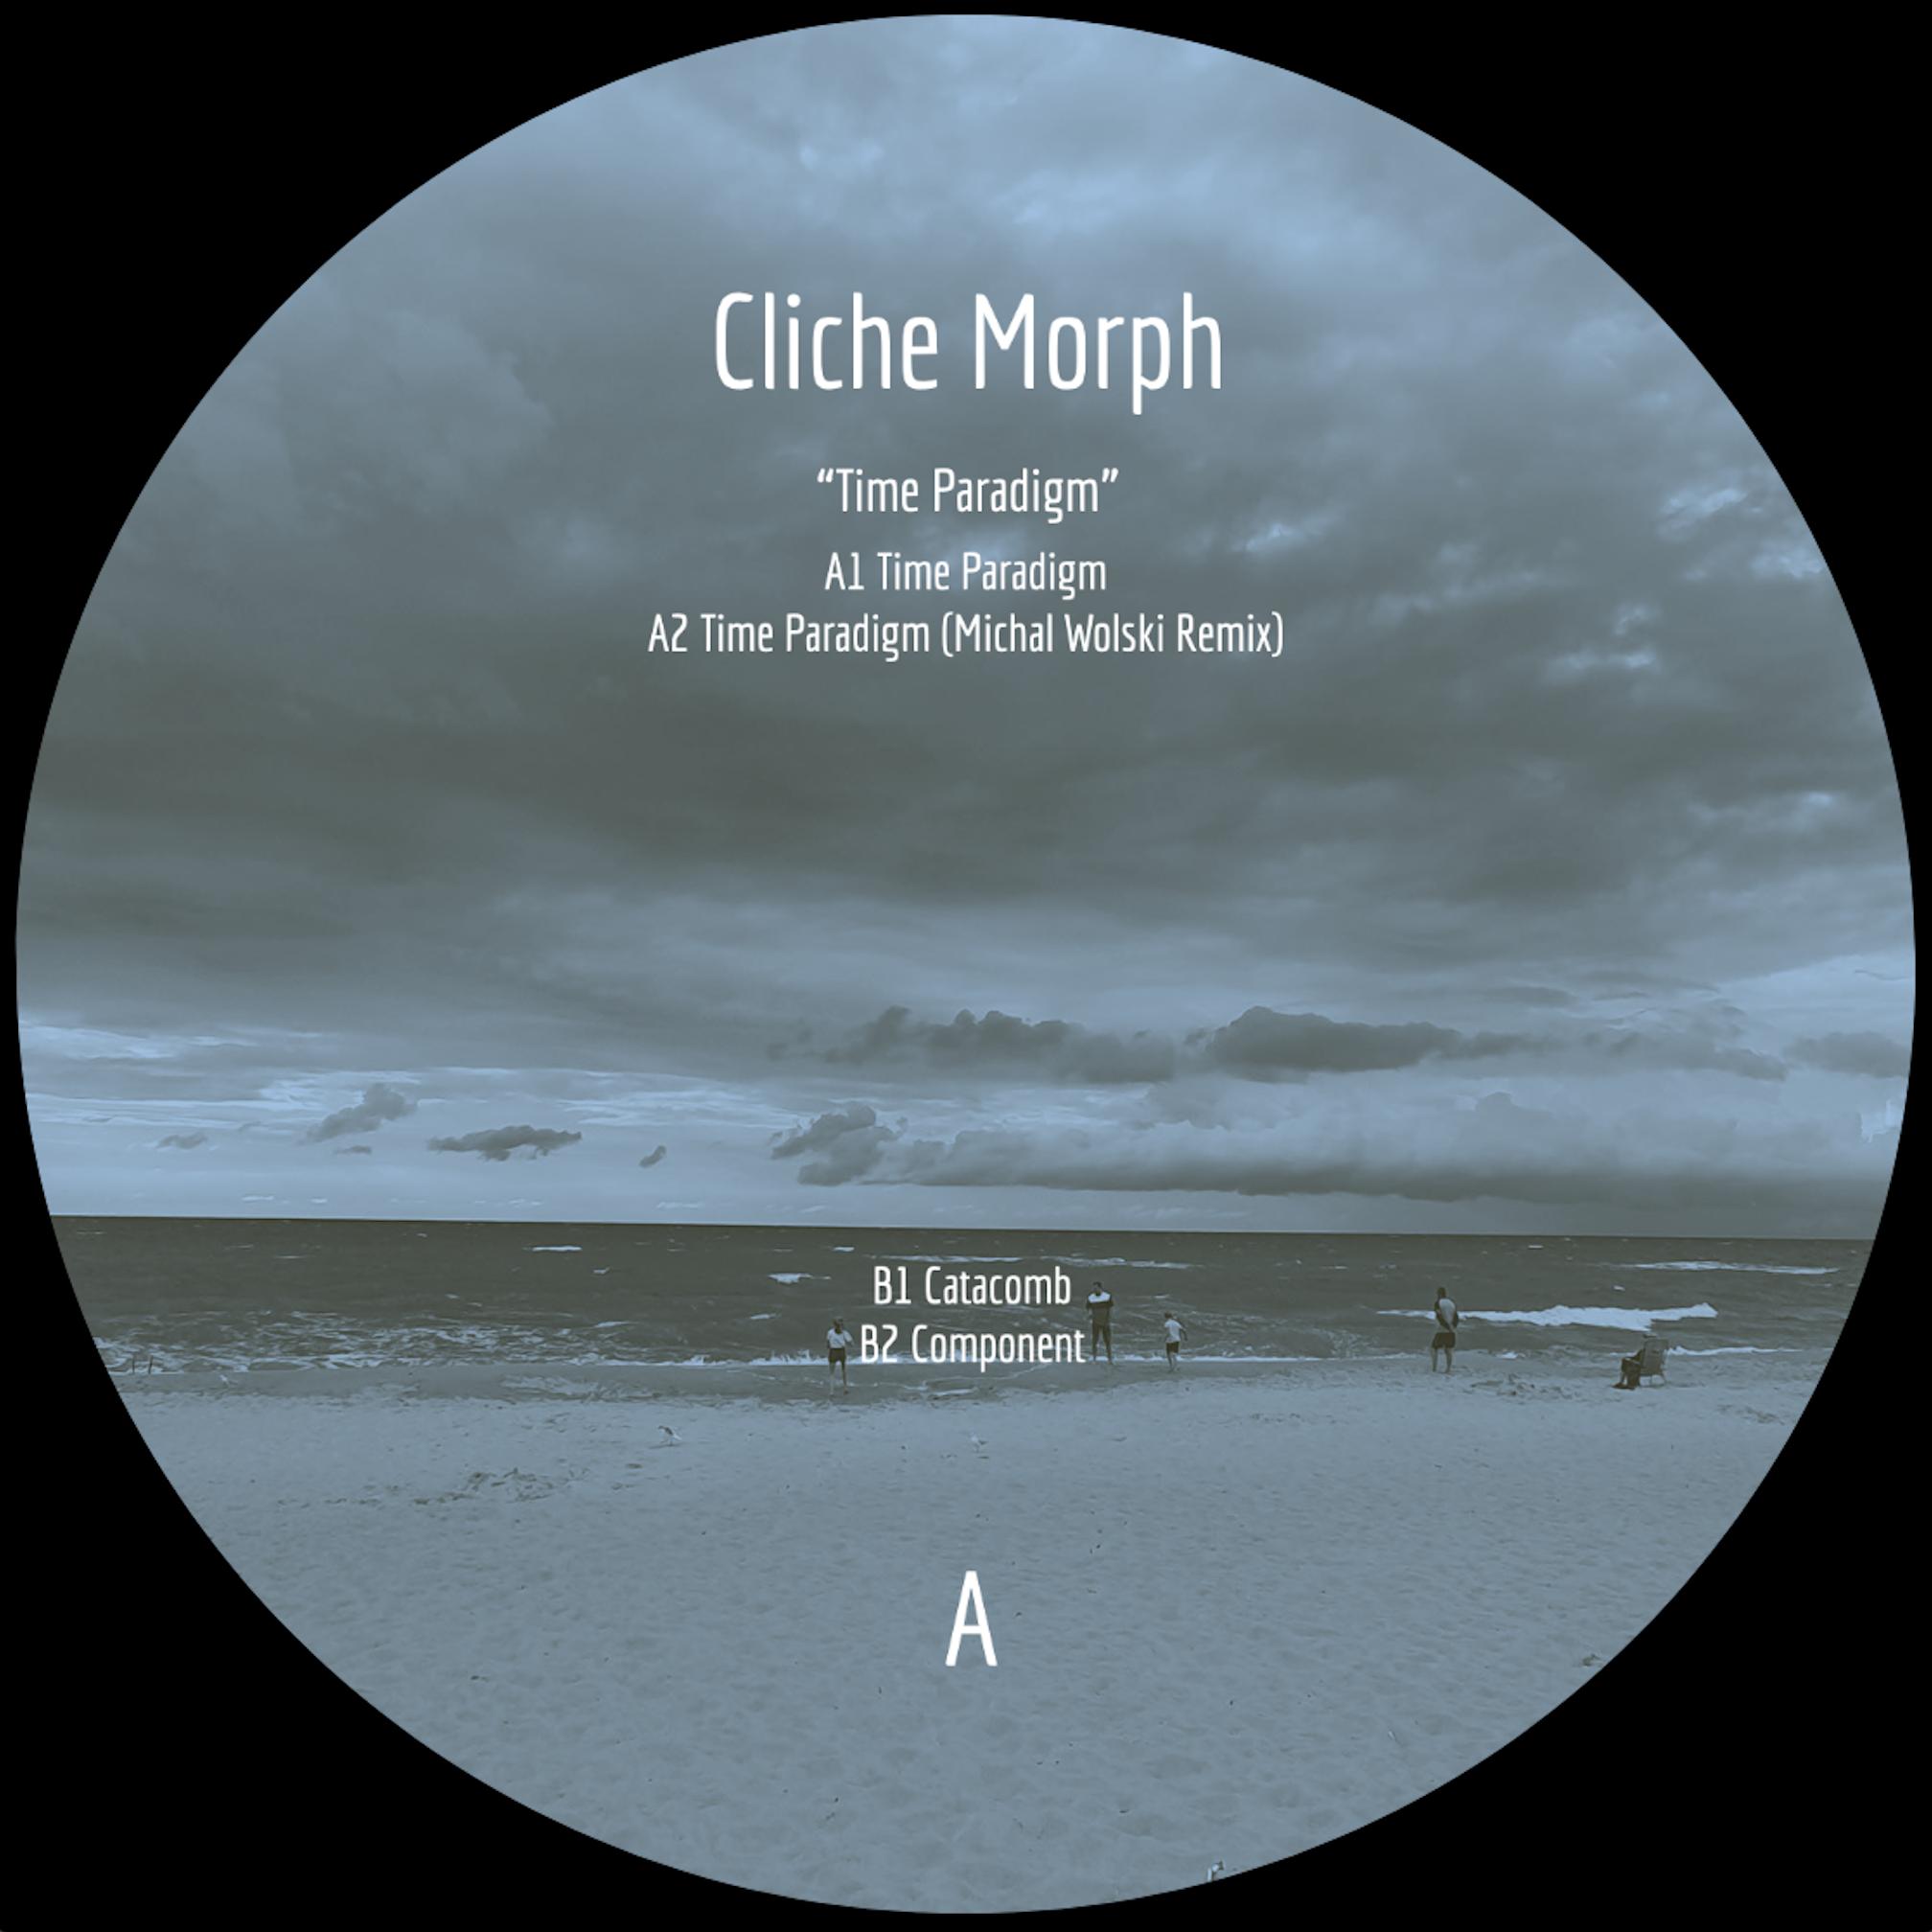 Cliche Morph, Unknown Timeline, Time Paradigm, Michal Wolski